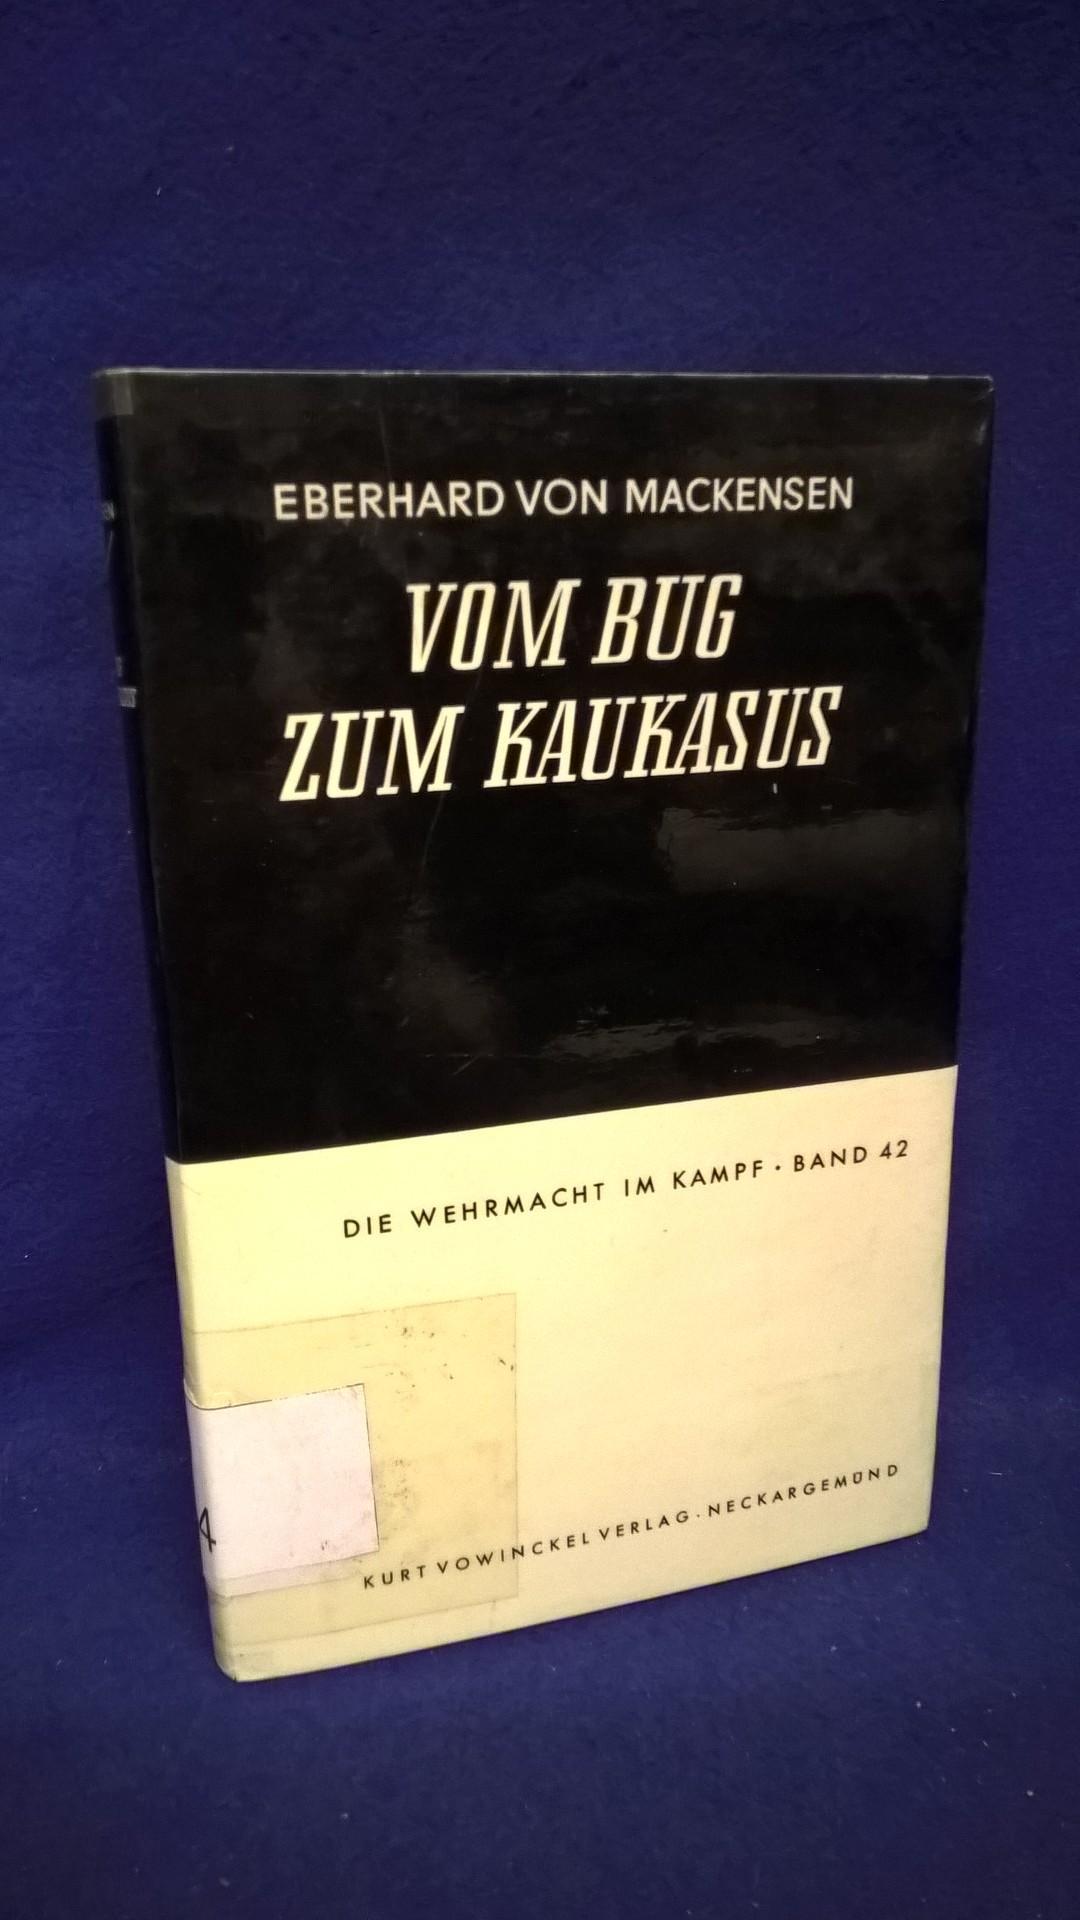 Die Wehrmacht im Kampf, Band 42: Vom Bug zum Kaukasus. Das III. Panzerkorps im Feldzug gegen Sowjetrußland 1941/42.